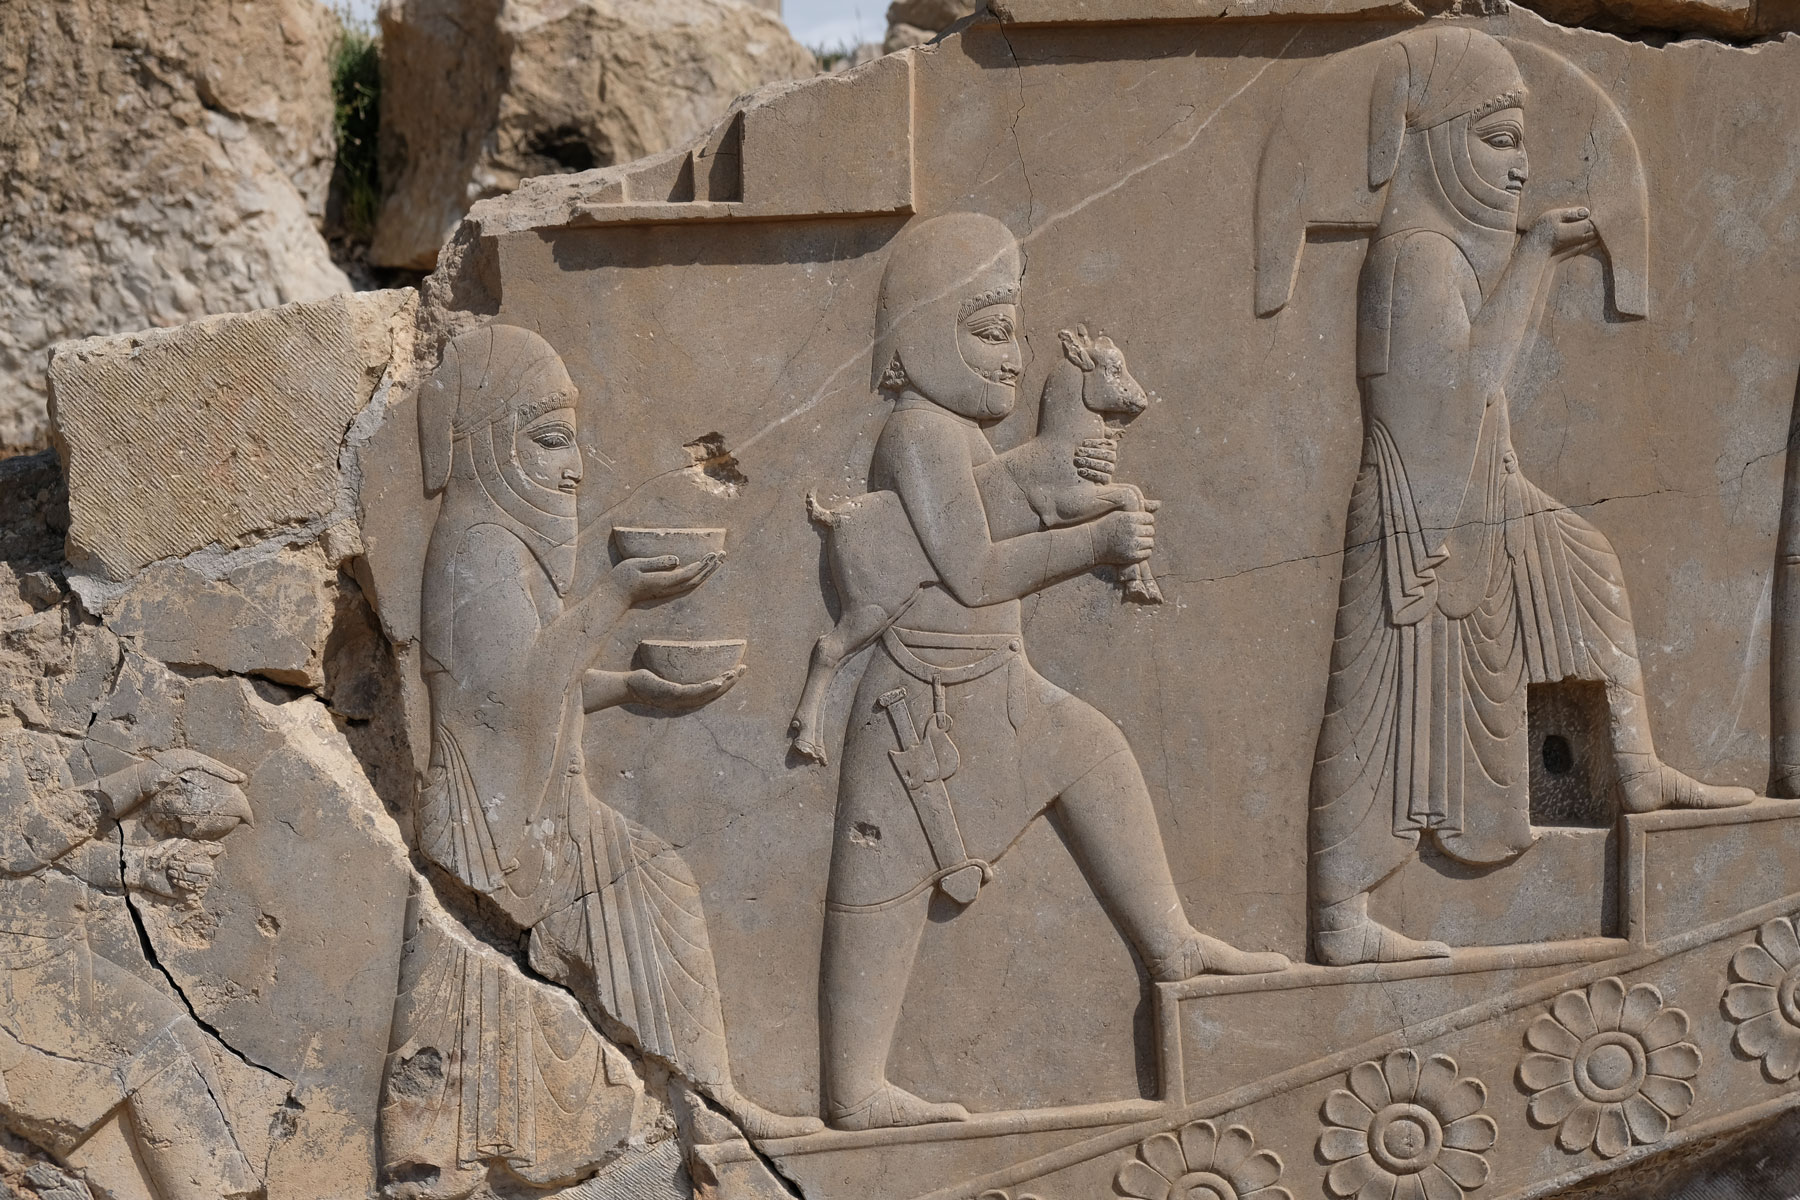 Darstellung von Männern auf einer Steinplatte